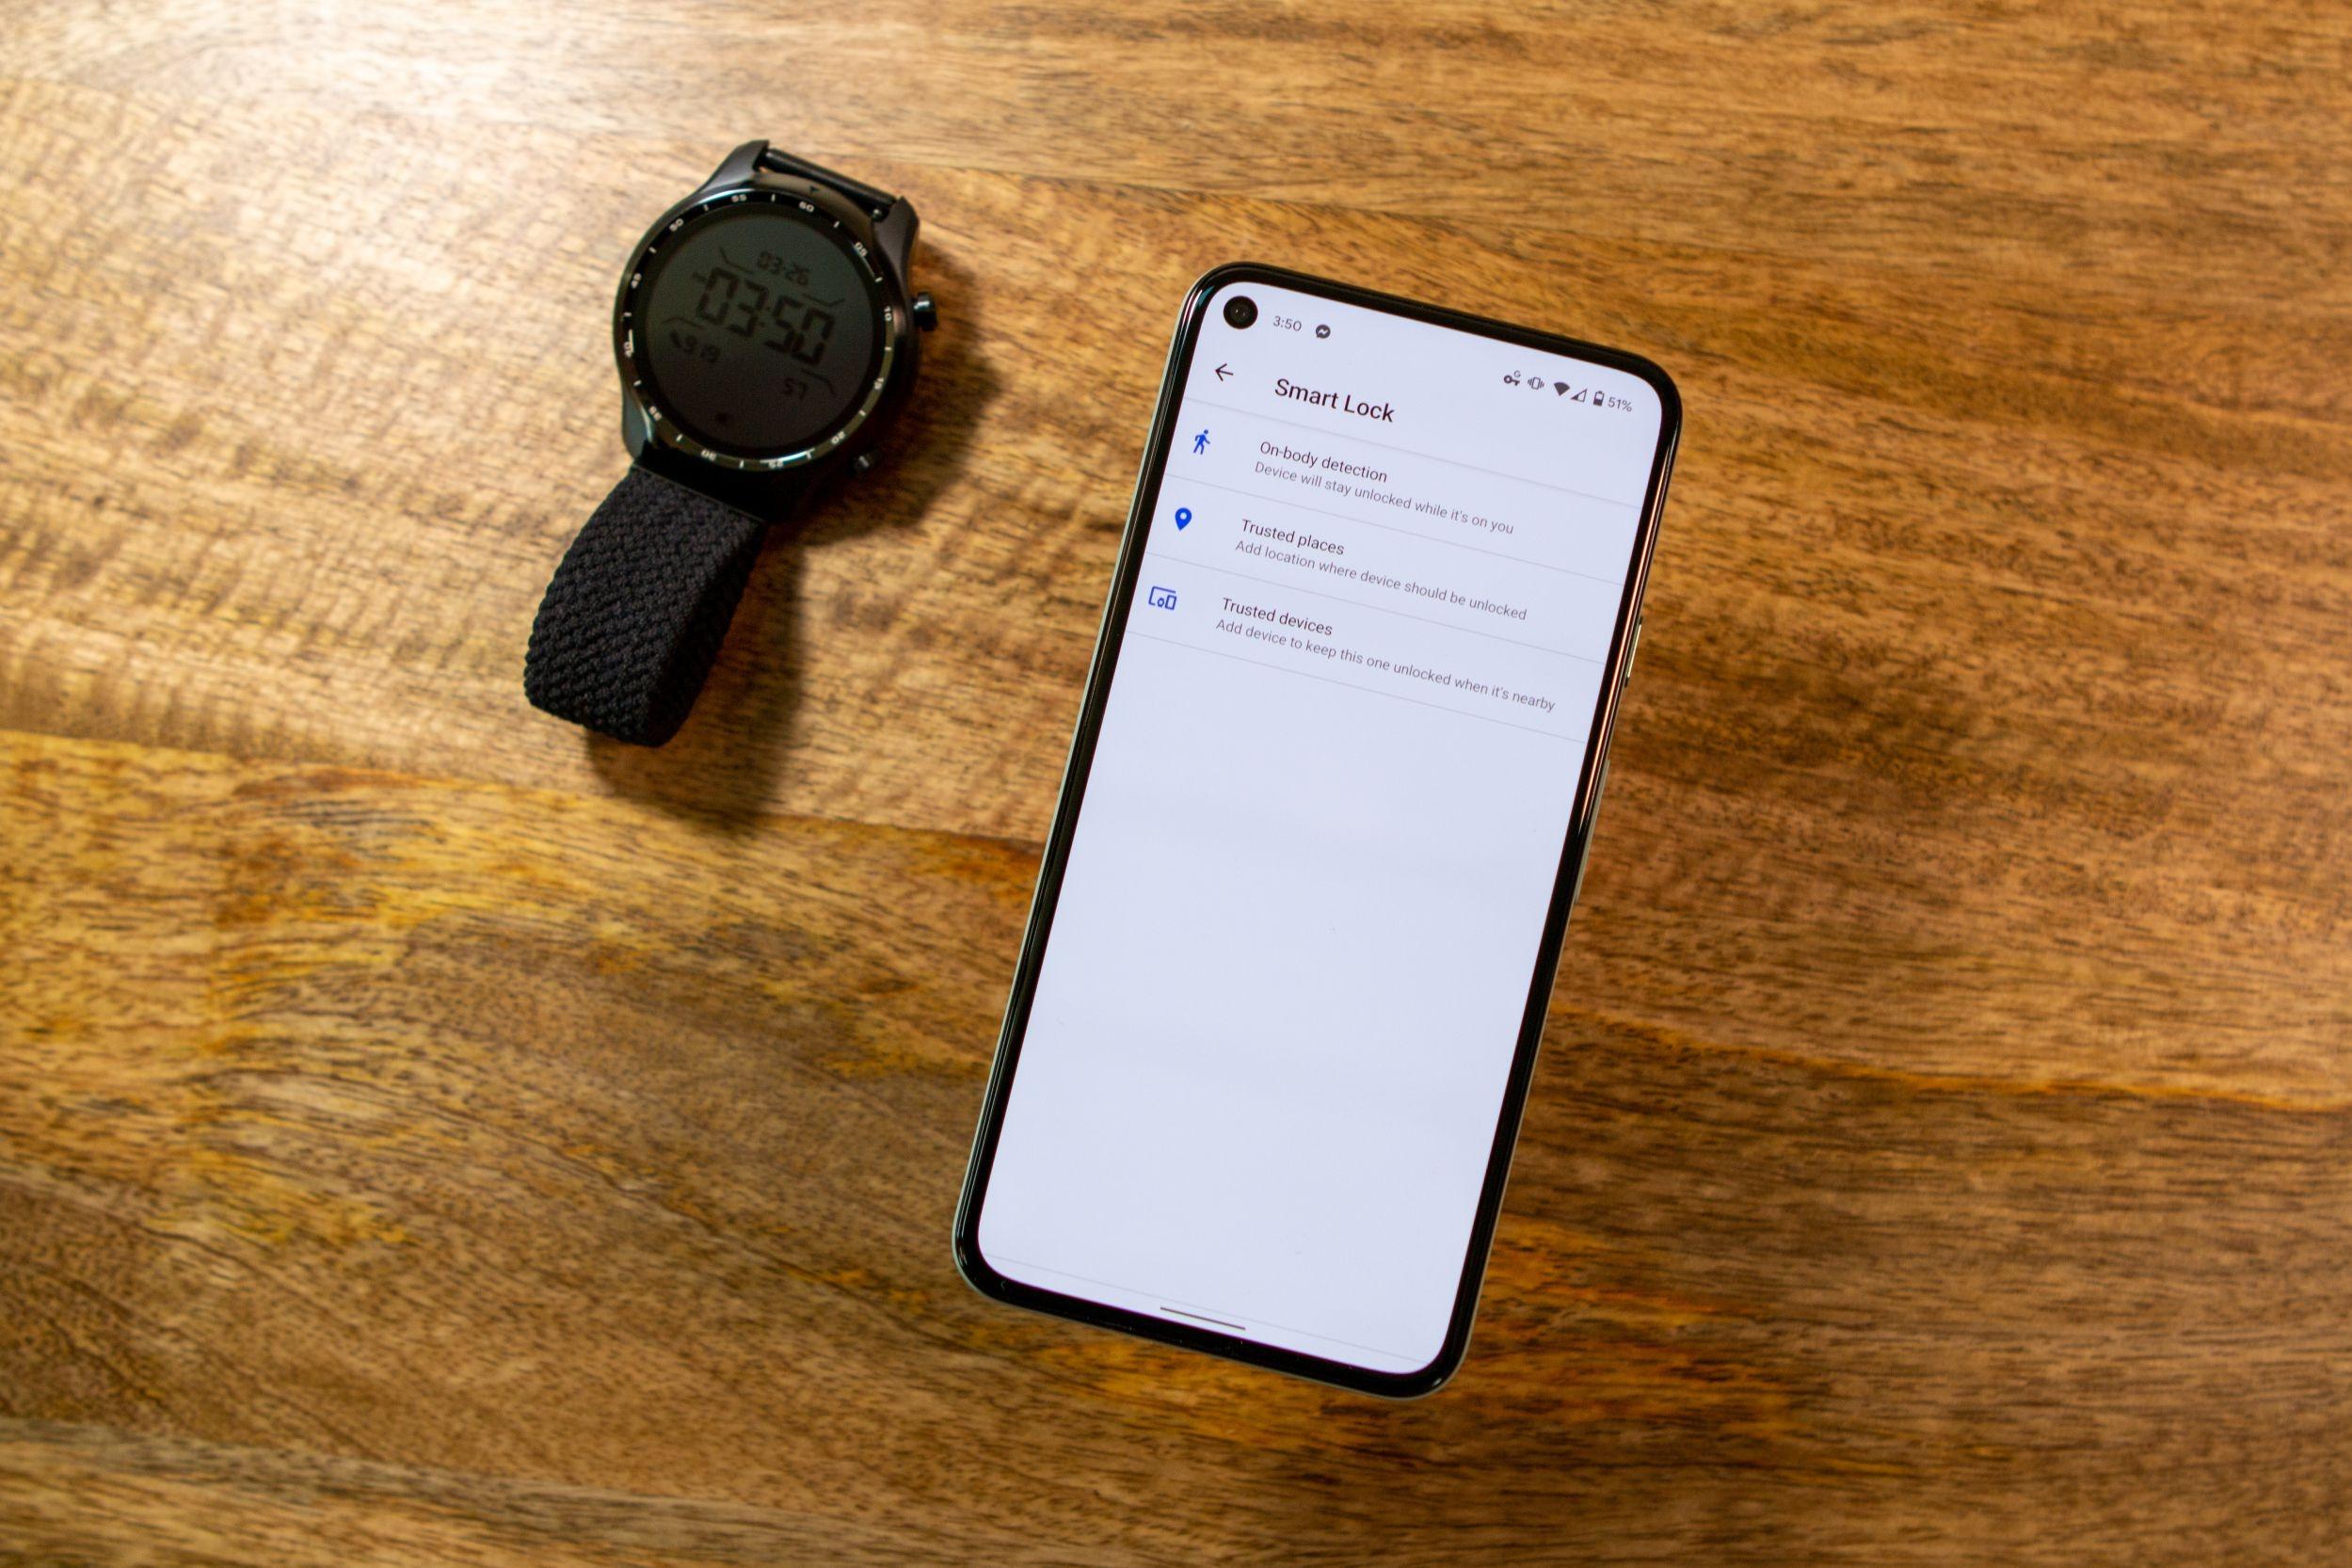 Cellulare con Smart Lock accanto a uno smartwatch